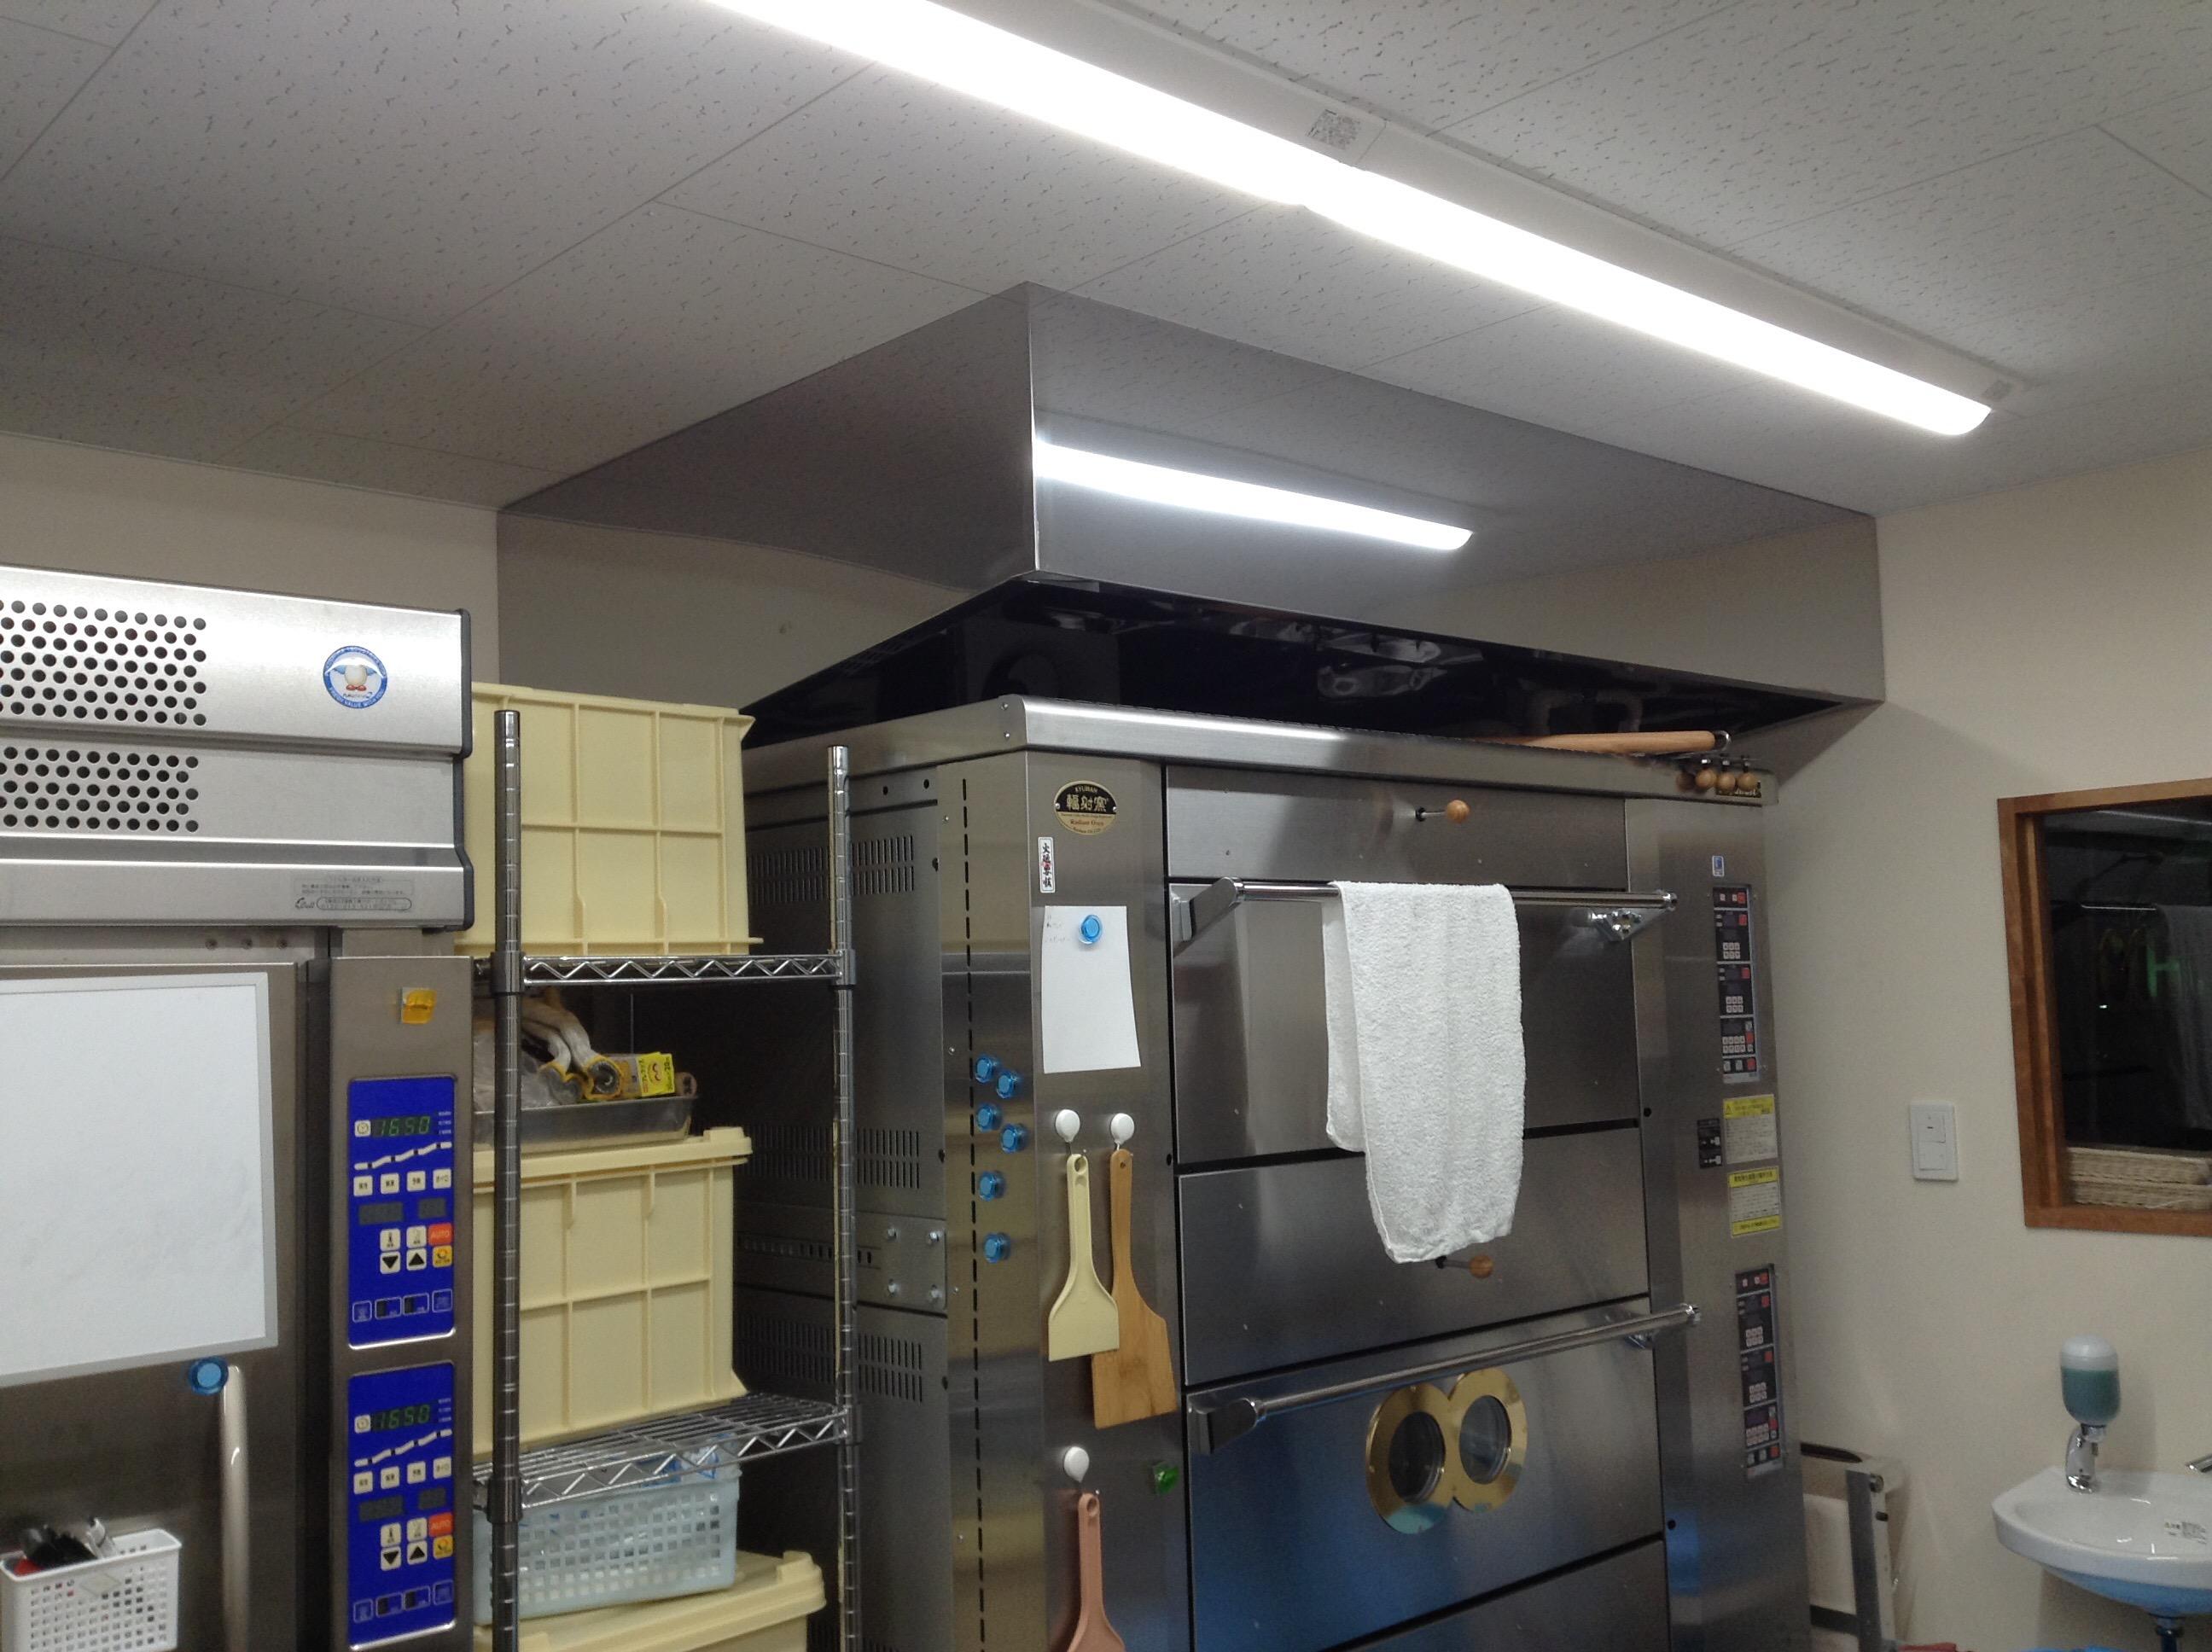 厨房ステンレスフードの下にベーカリーオーブンを設置しました。